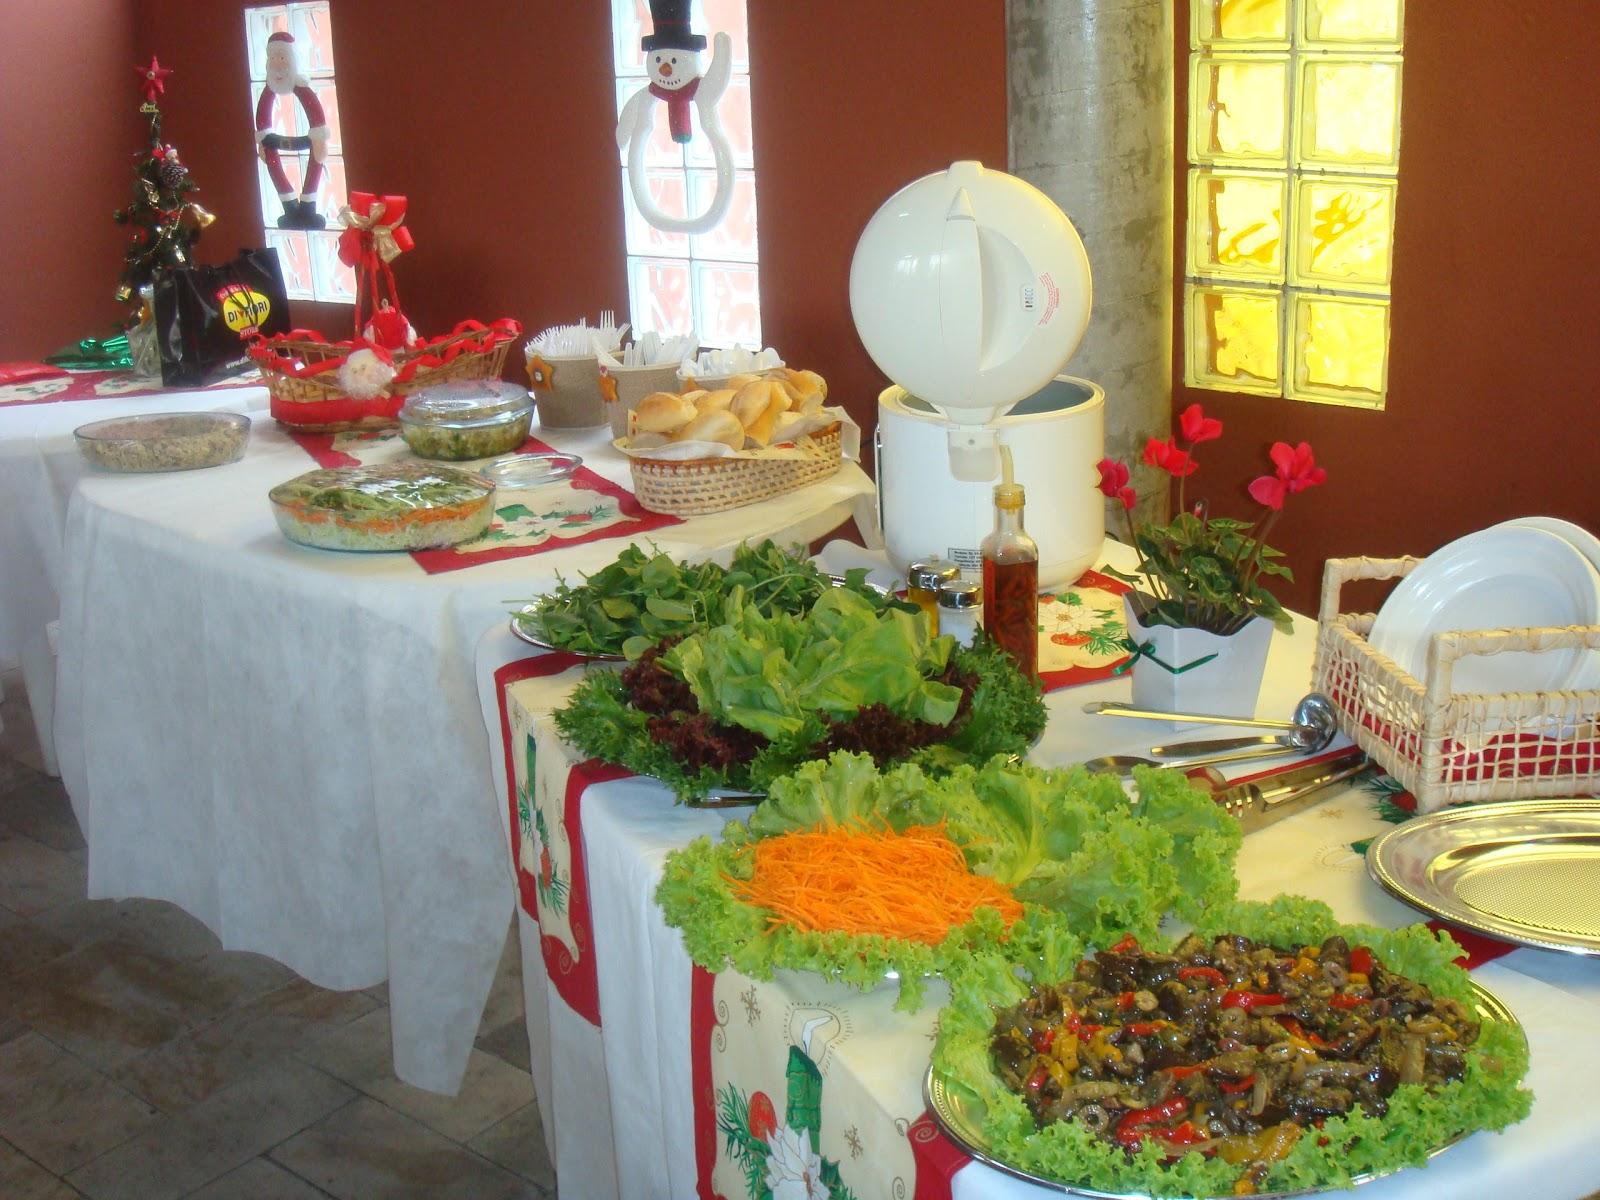 Famosos Receitas, Culinária, Gastronomia, Festas e Eventos. PU86